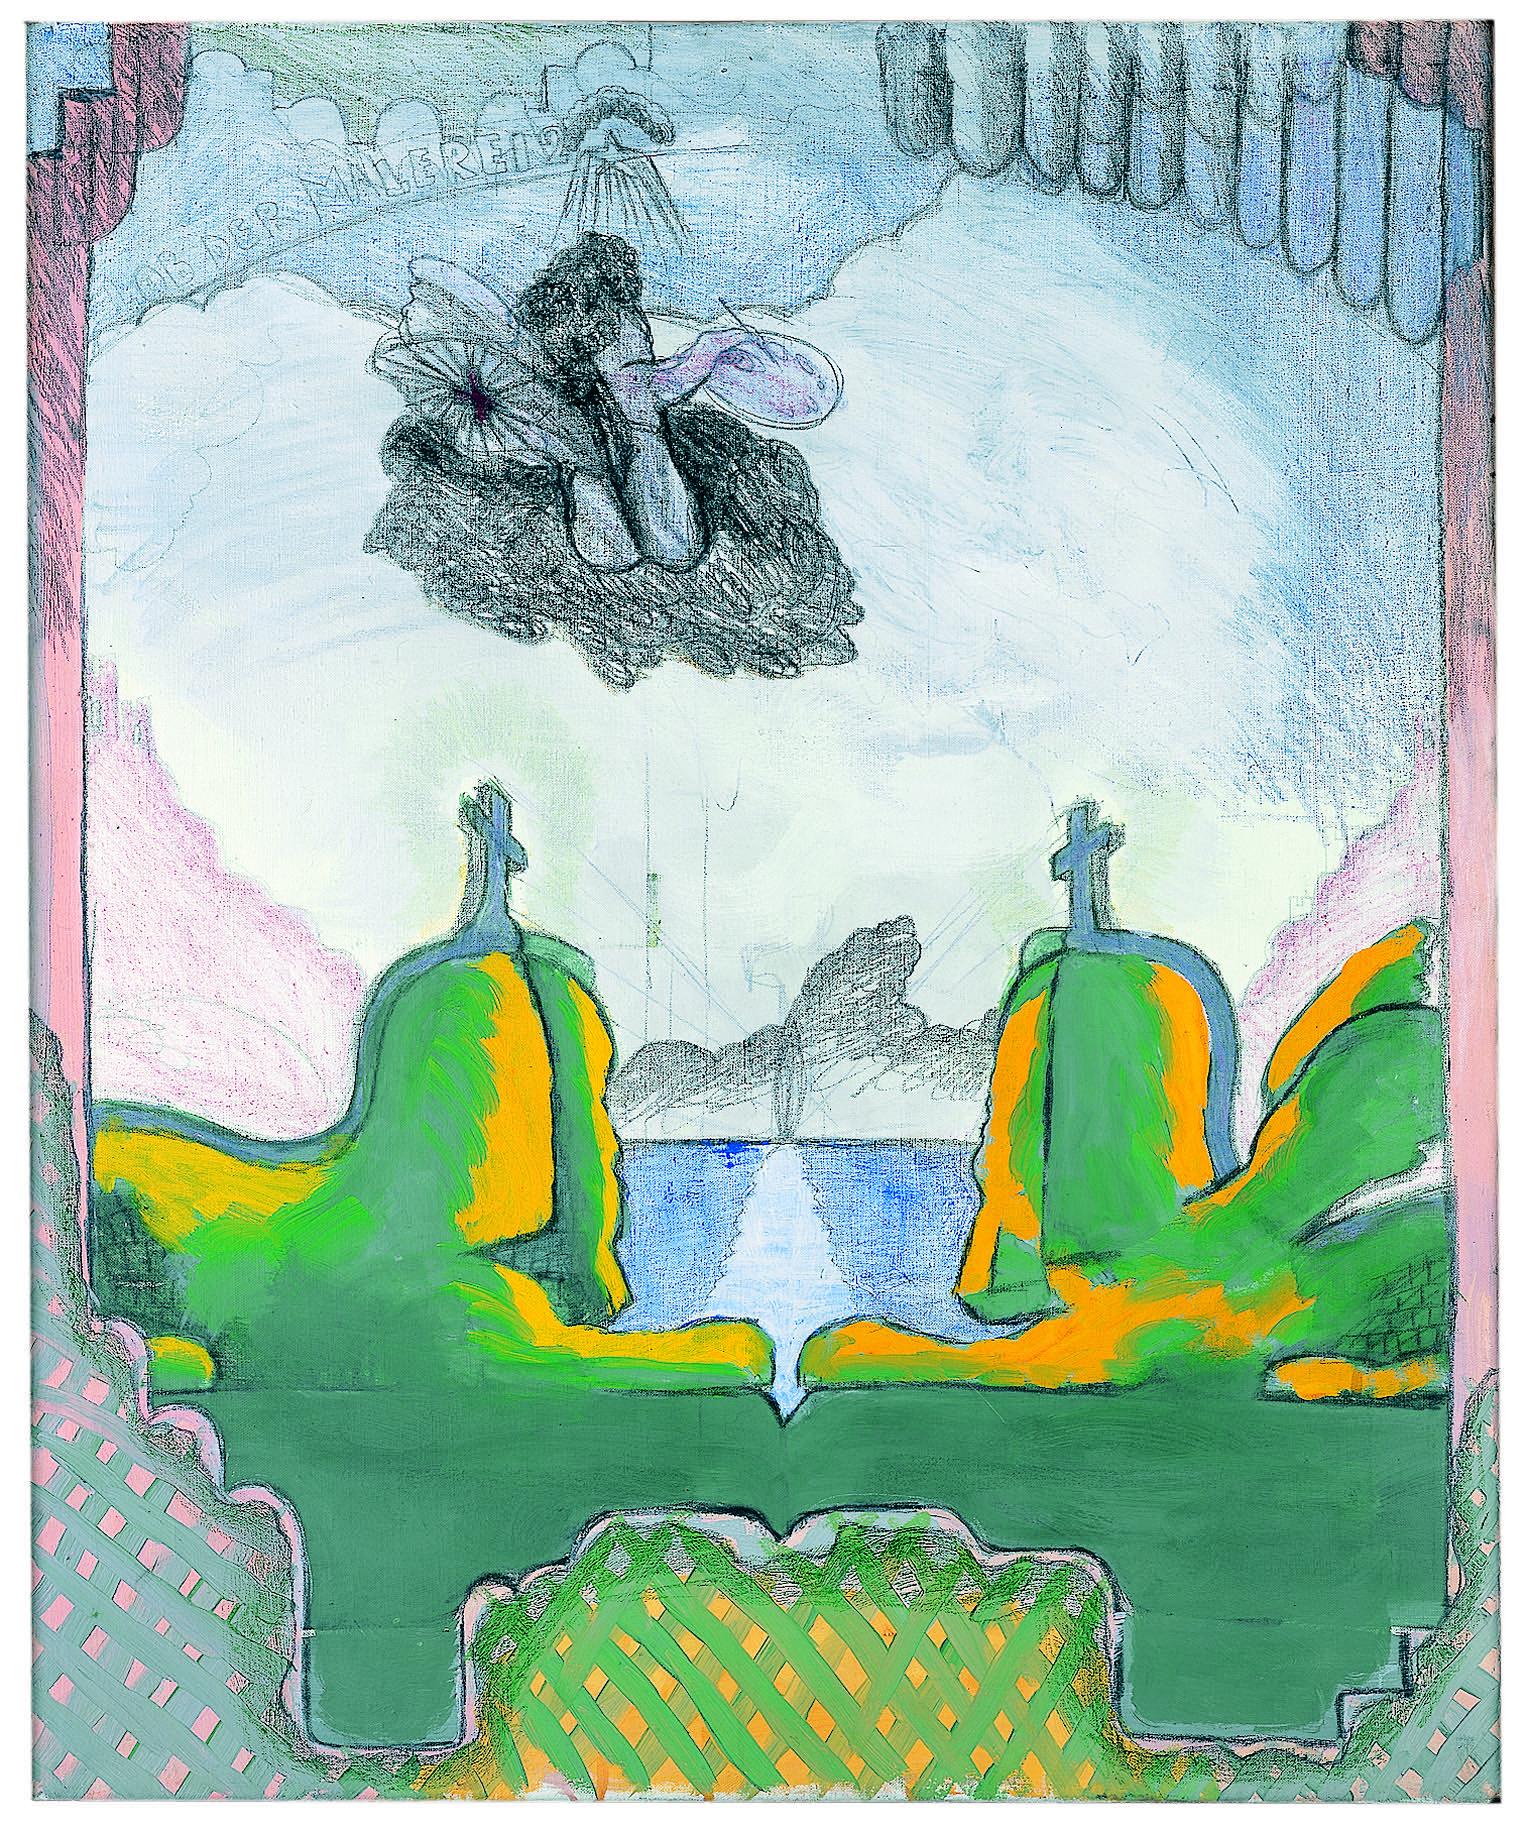 Lob der Malerei 2 , 1969, Dispersion, crayon, and graphite on canvas, 39.56h x 33.07w in (100.5h x 84w cm), Morat-Institute, Freiburg in Breisgau